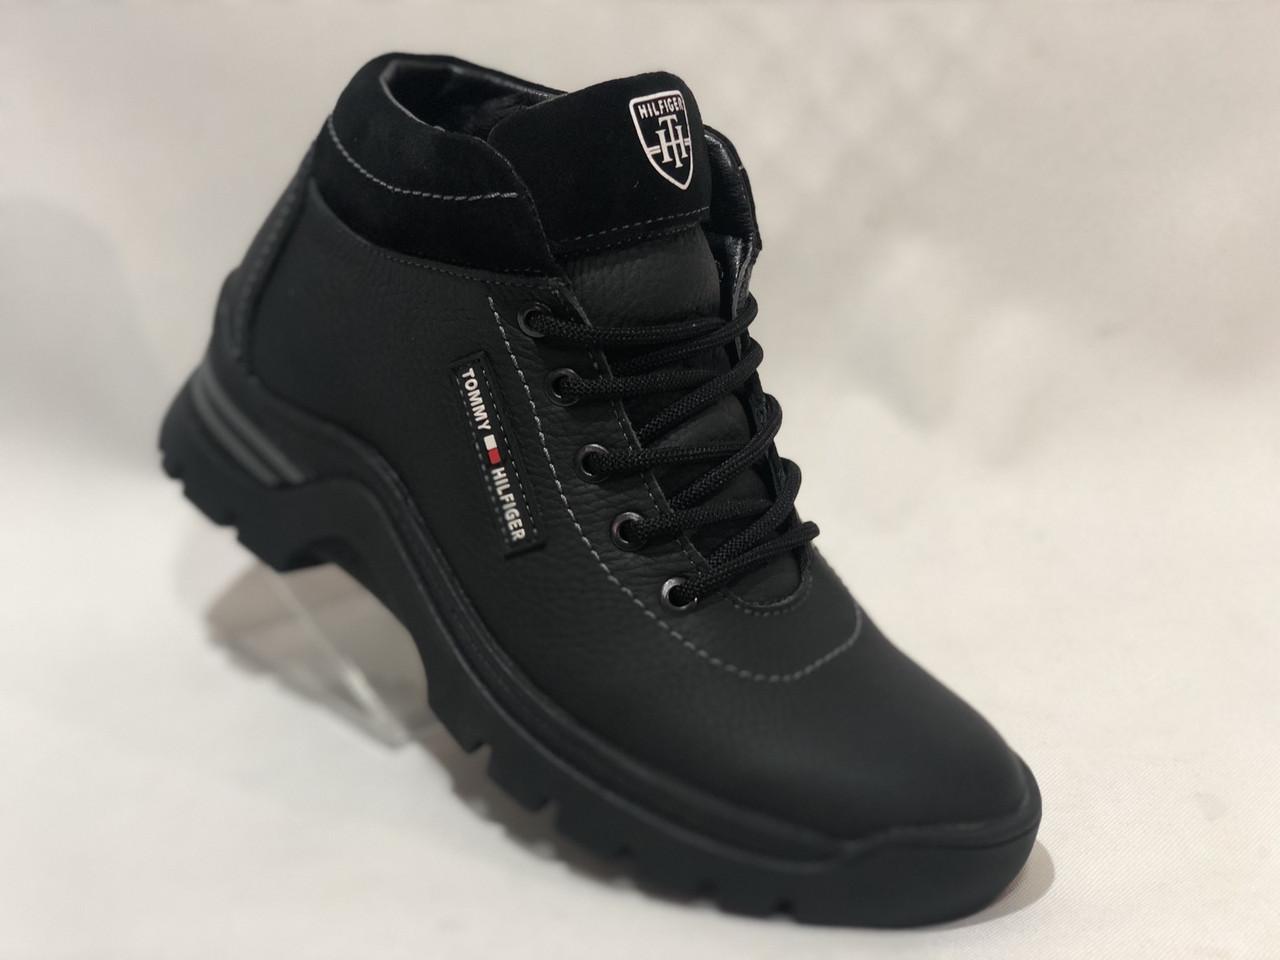 Мужские зимние кожаные ботинки. Кроссовки зимние на меху Черные